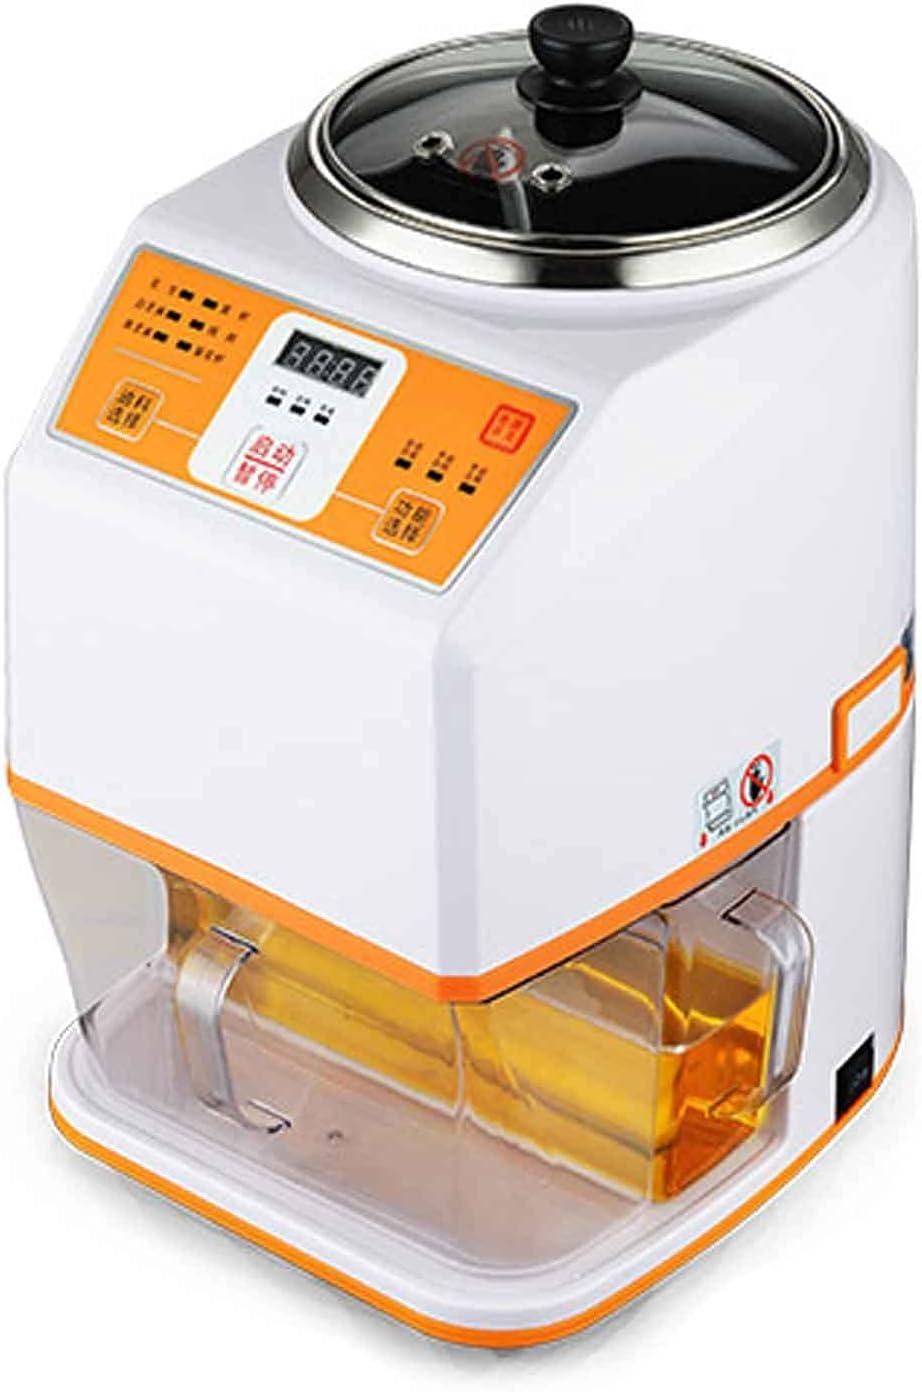 Máquina Automática para La Prensa De Aceite Extractor Prensa De Aceite Doméstica Pequeña Prensado En Frío Y Prensado En Caliente Control De Temperatura Preciso 25x35x42cm